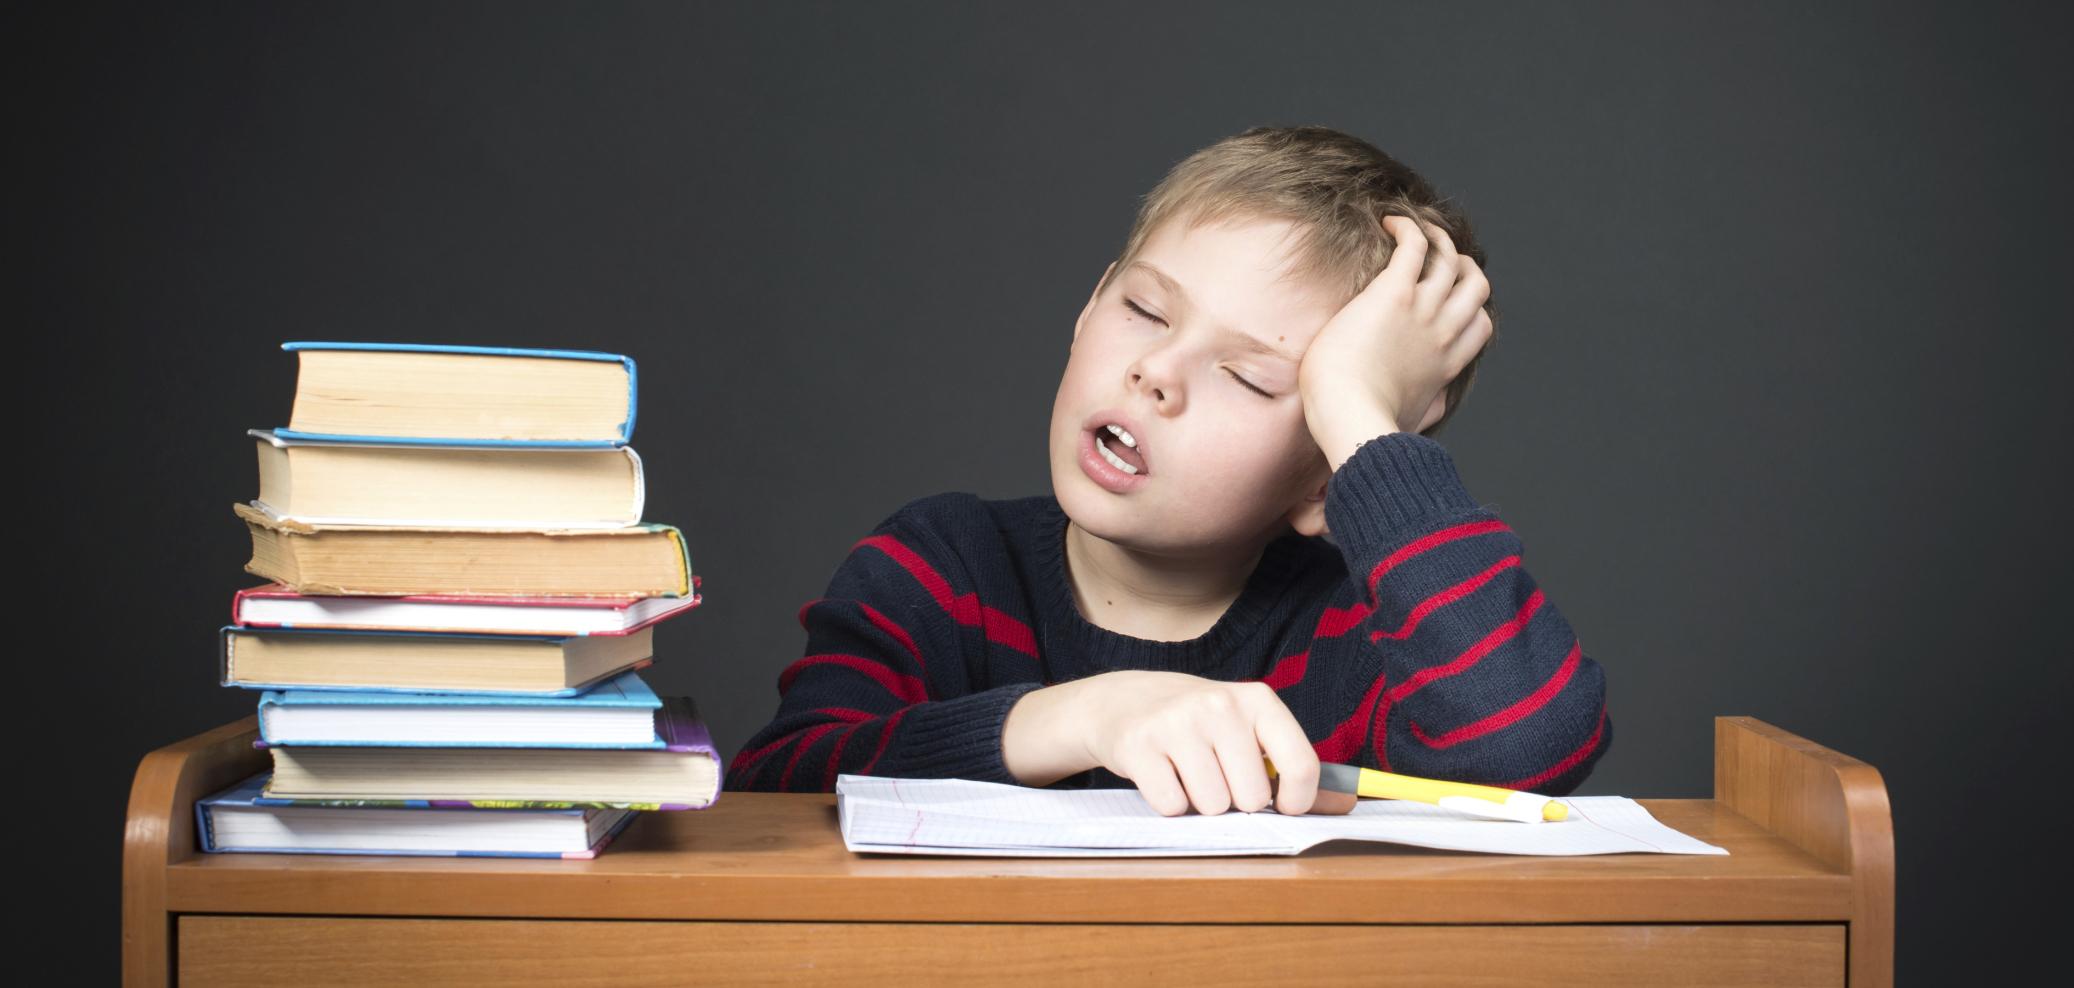 قرصهای شب امتحانی چه بلایی سرتان میآورند؟